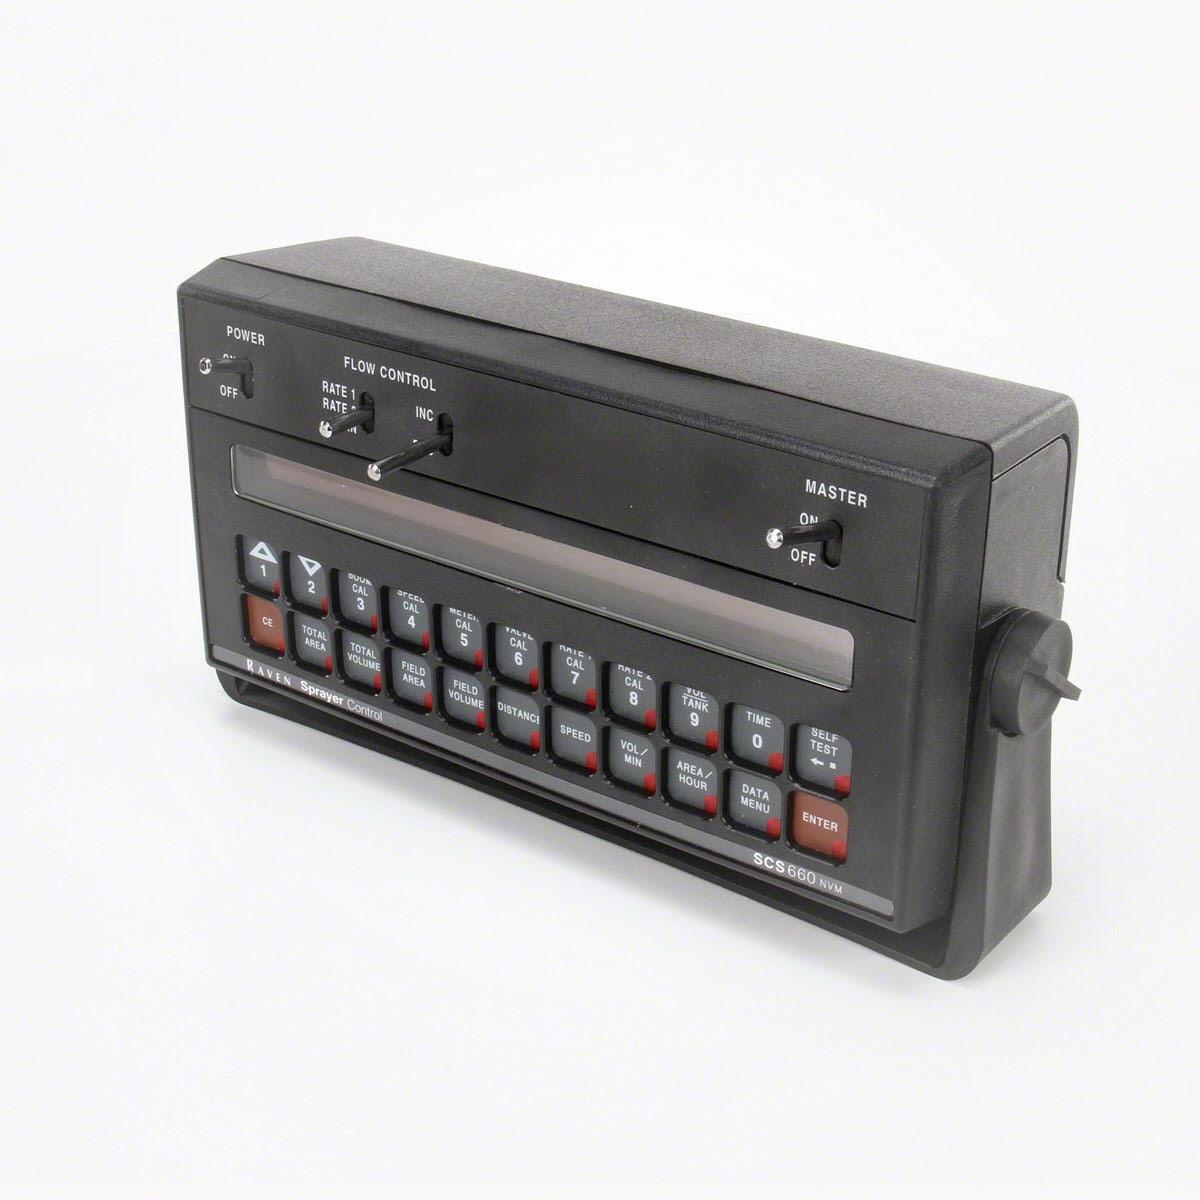 raven scs 660 w master switch console spraysmarter com rh spraysmarter com Raven SCS 661 Raven SCS 661